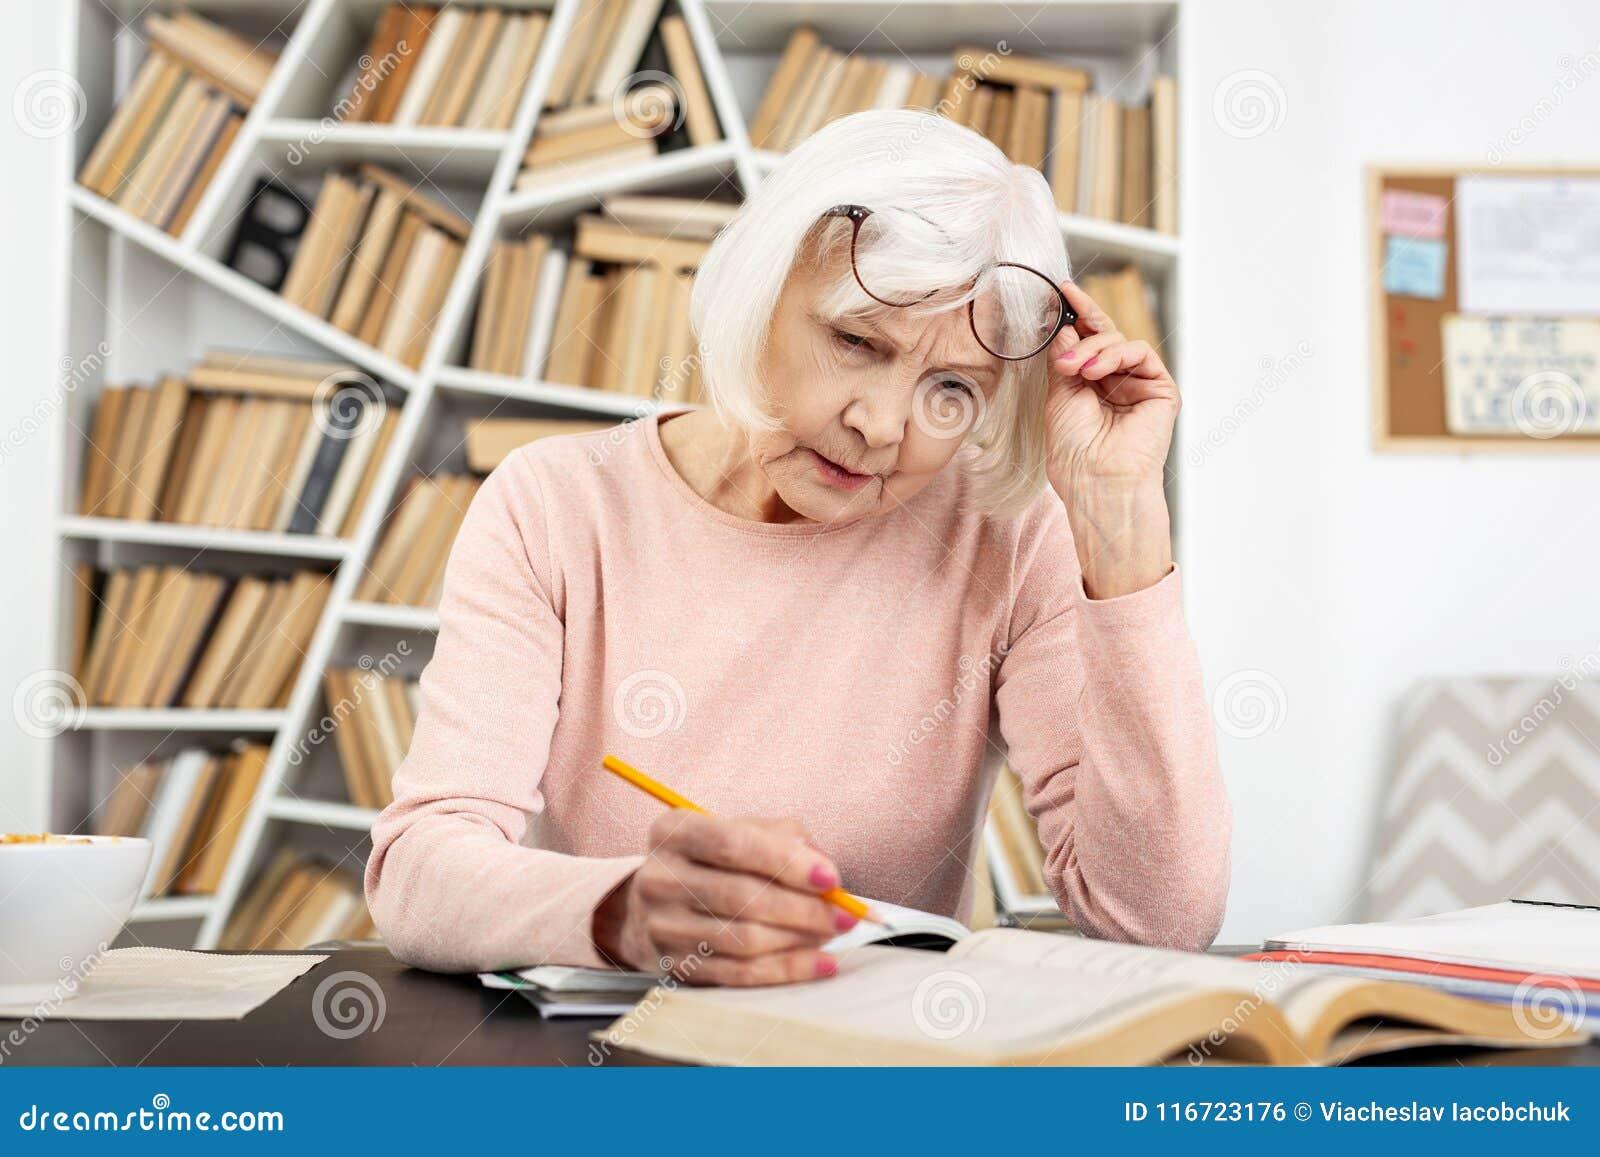 Baczna starsza kobieta ma kłopot w nauce